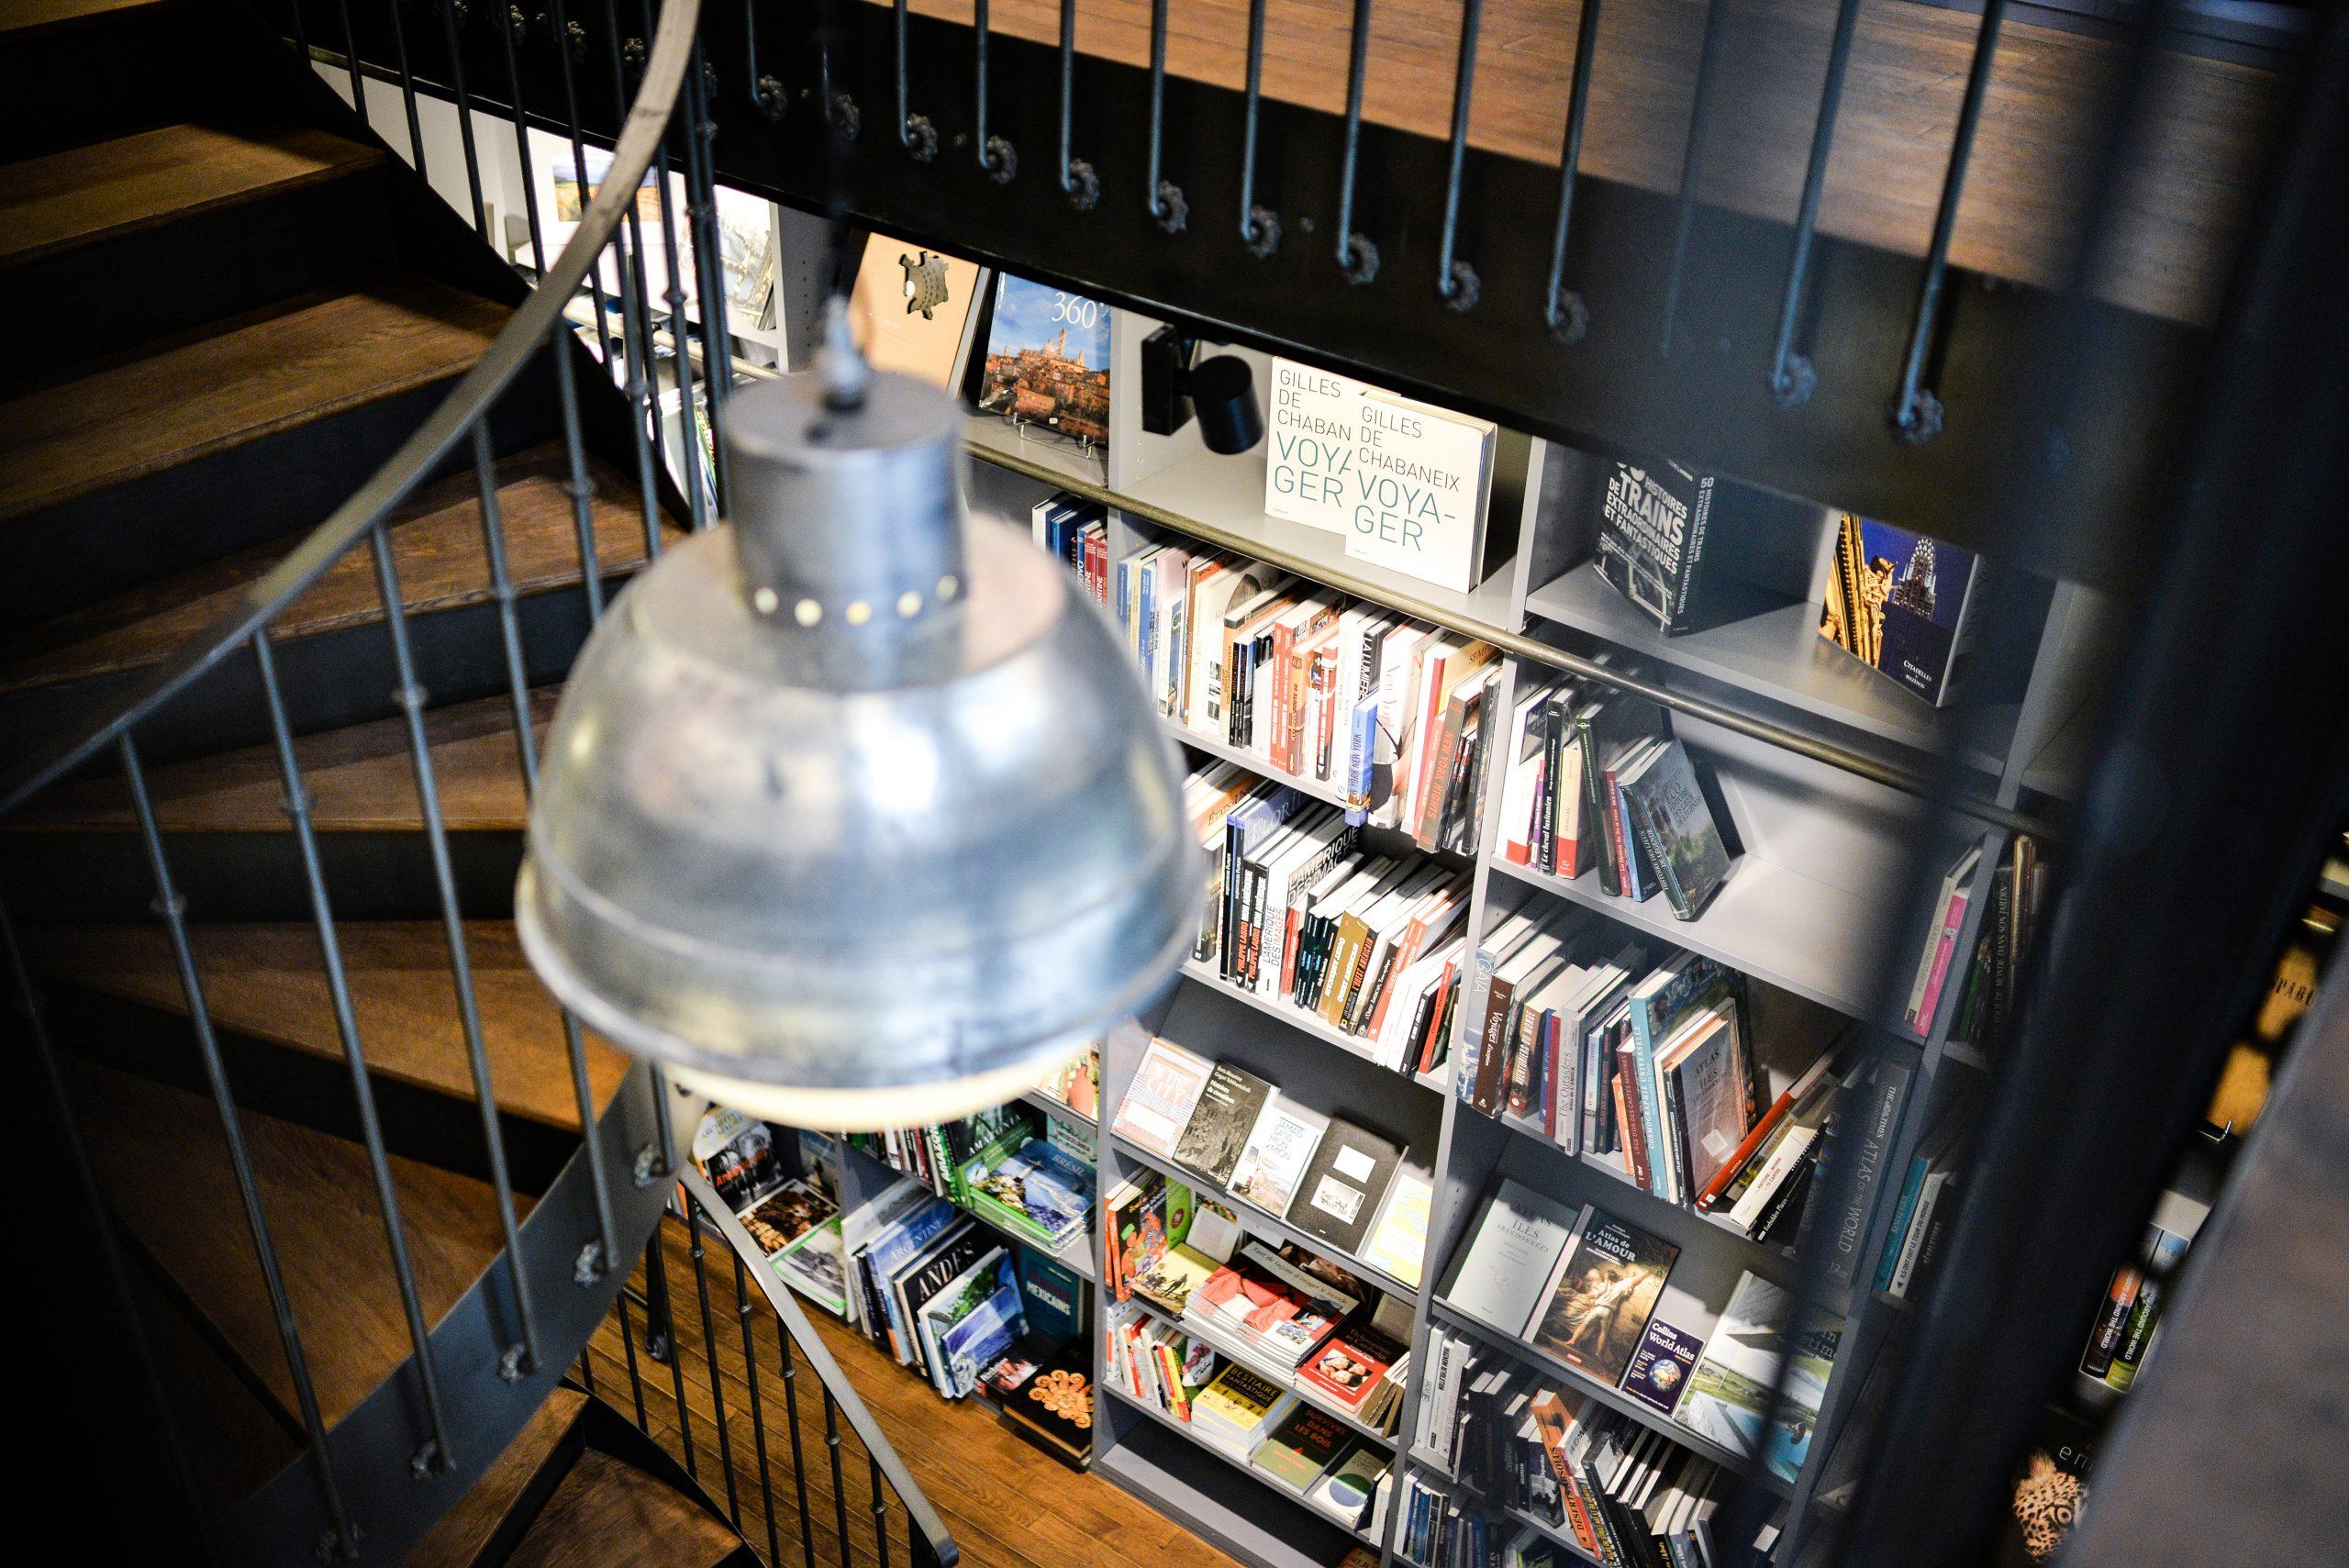 Voyage en littérature - La Librairie Voyageurs du Monde